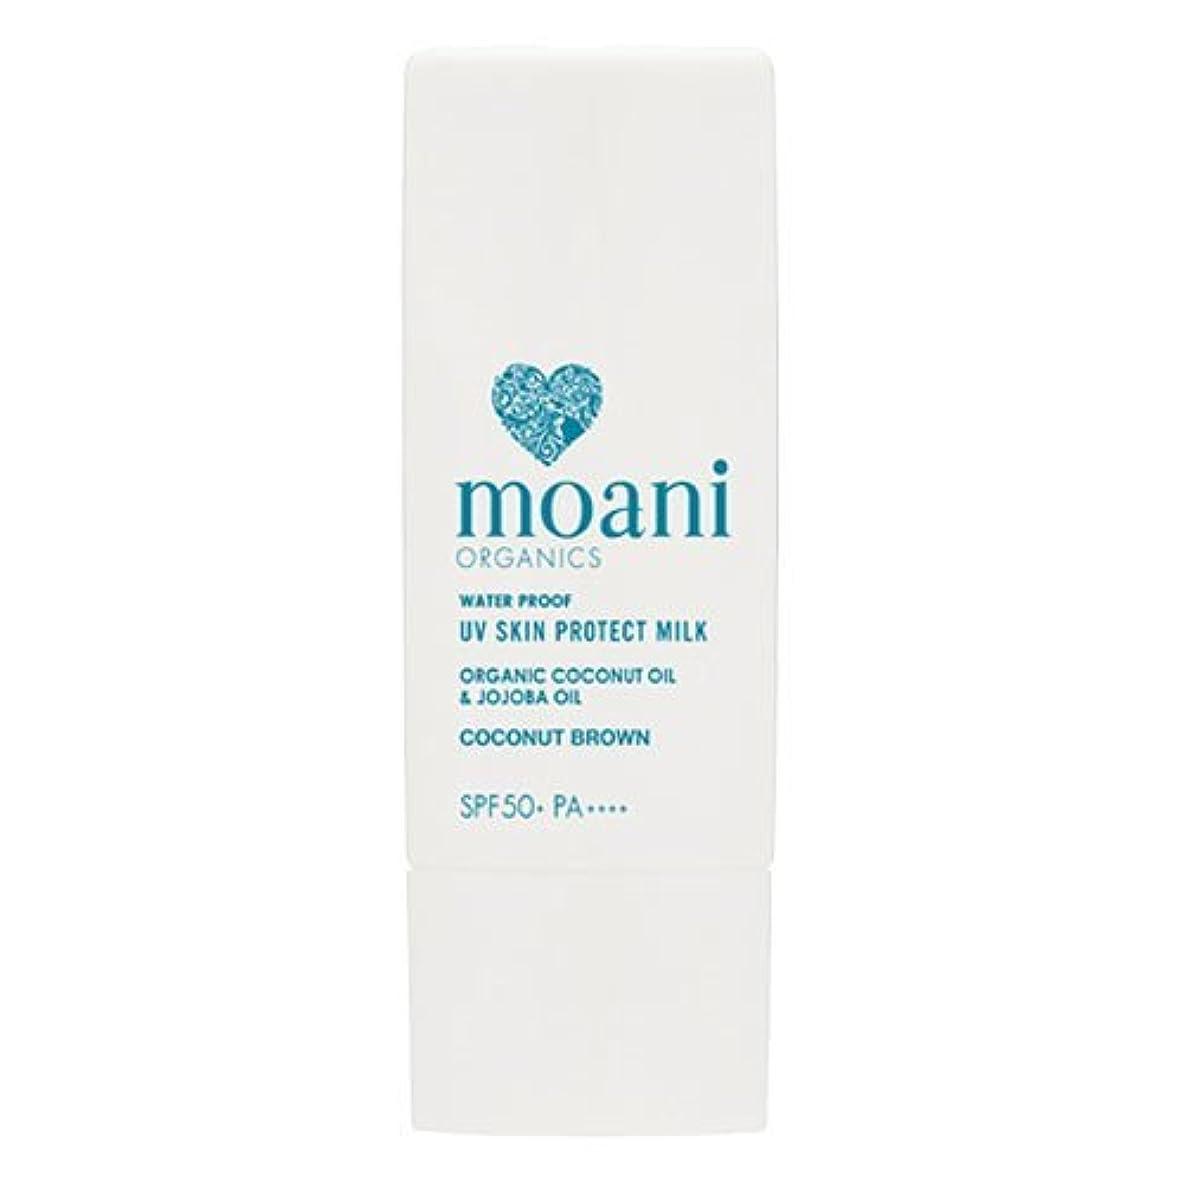 スポーツマン飛行機症状moani organics UV SKIN PROTECT MILK coconut brown(顔用日焼け止め)